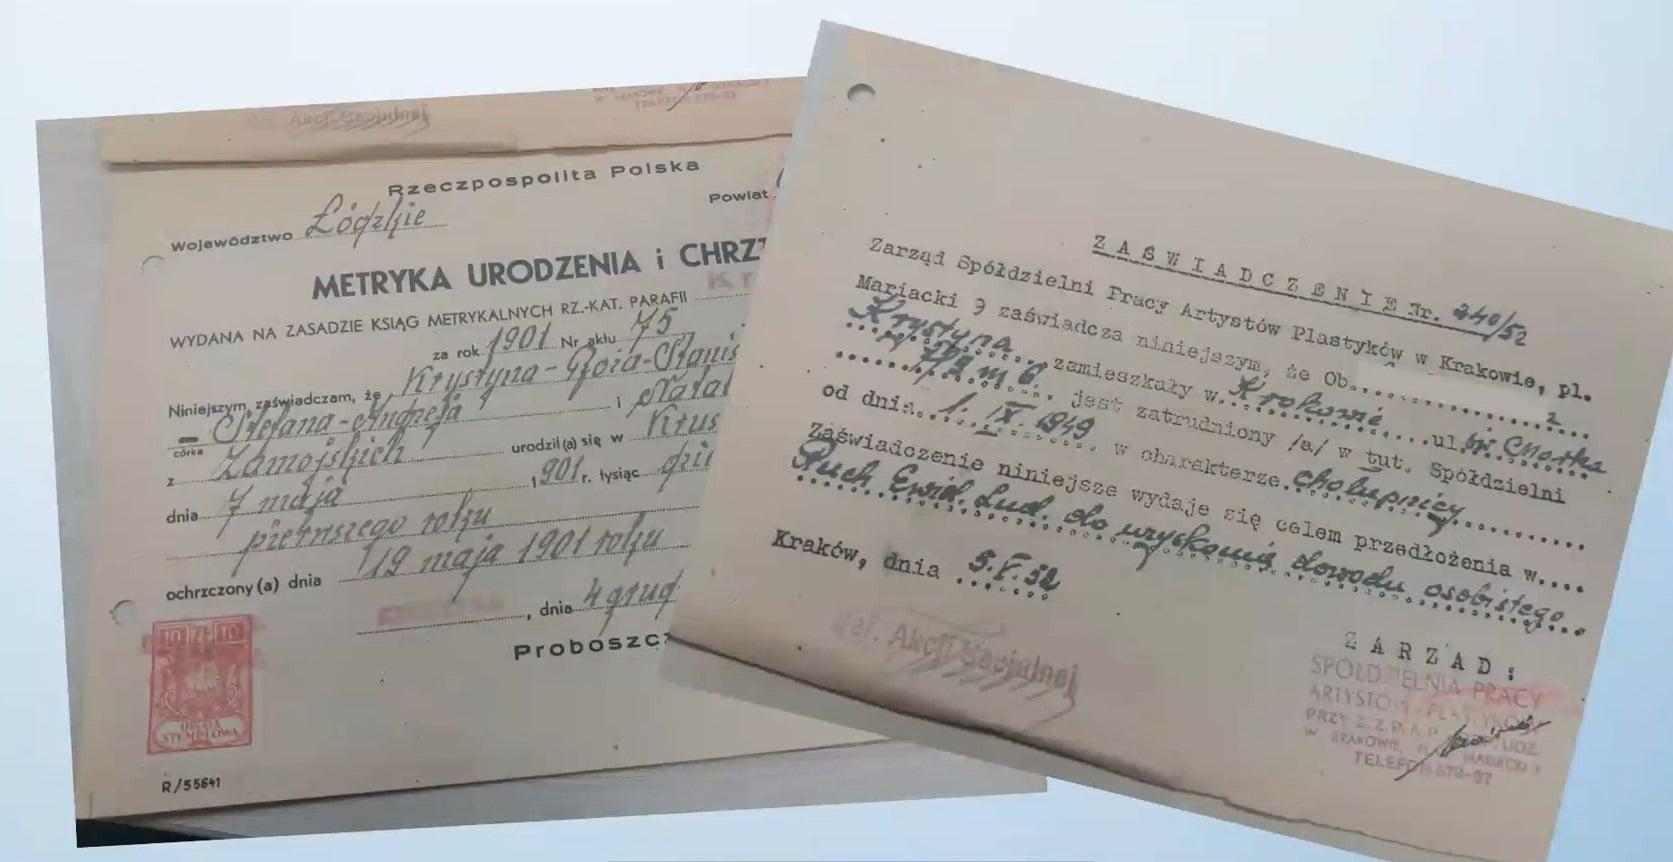 Kaligrafowane dokumenty szlachcianki.